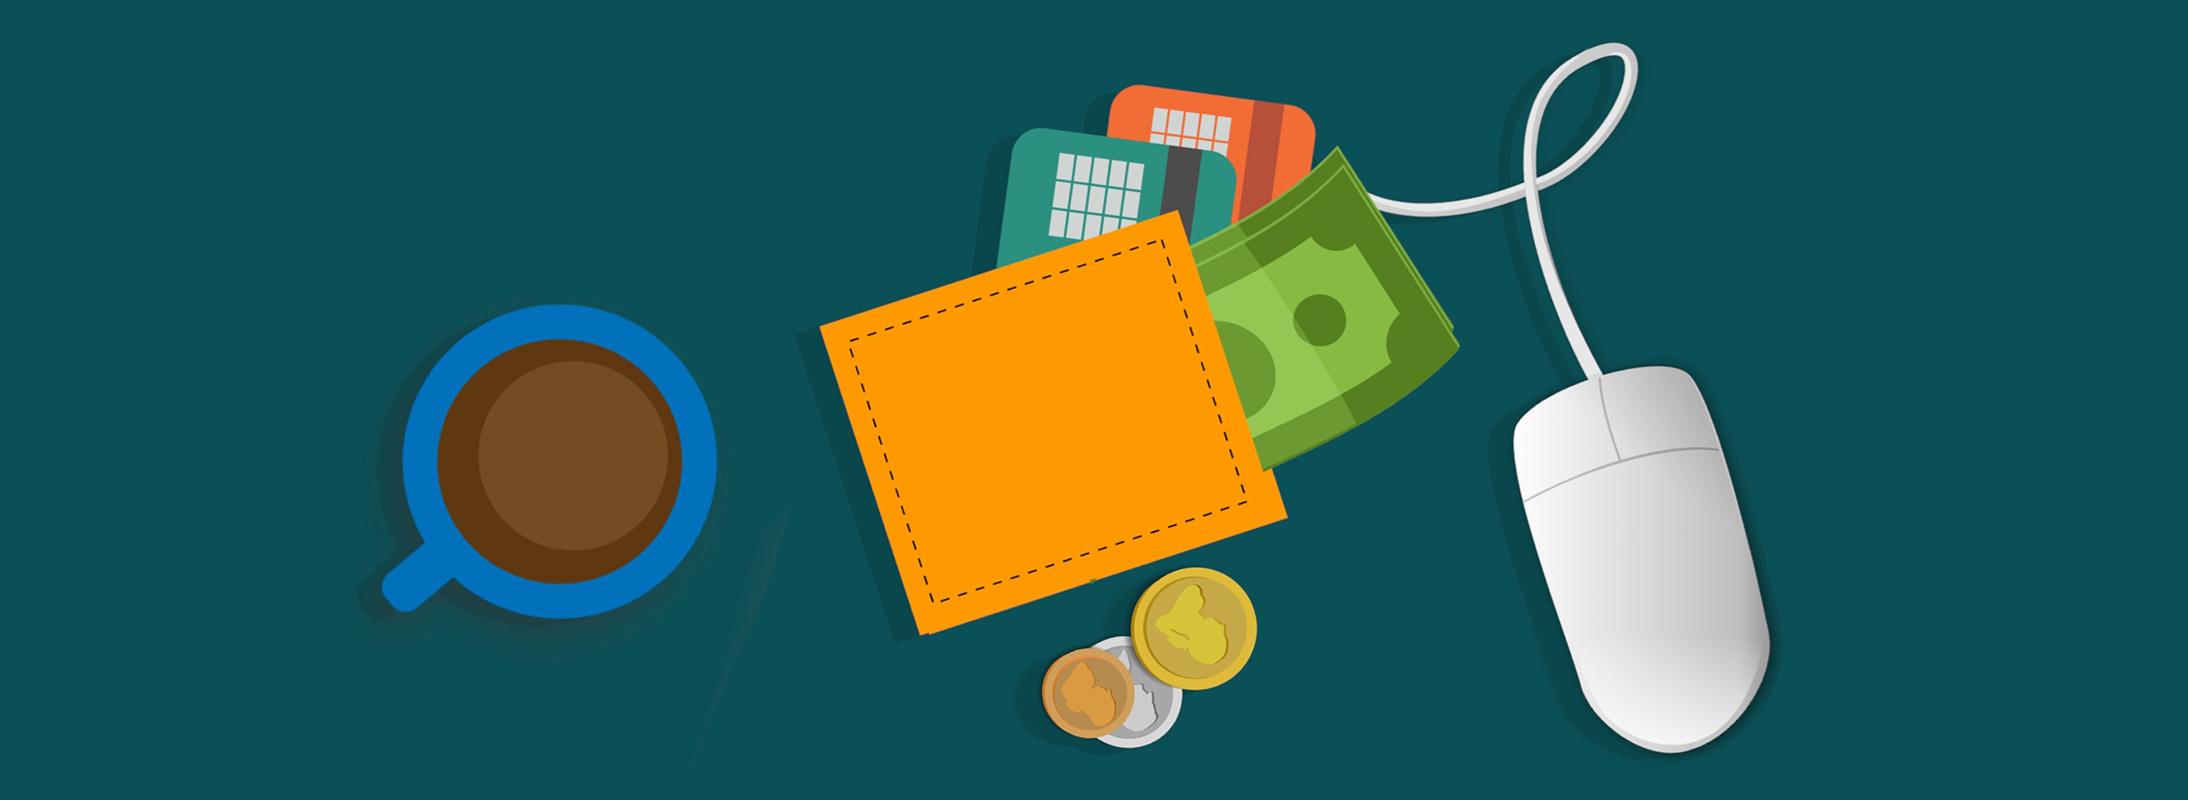 Online casinoer udbetaler ikke element01 - CasinoTop